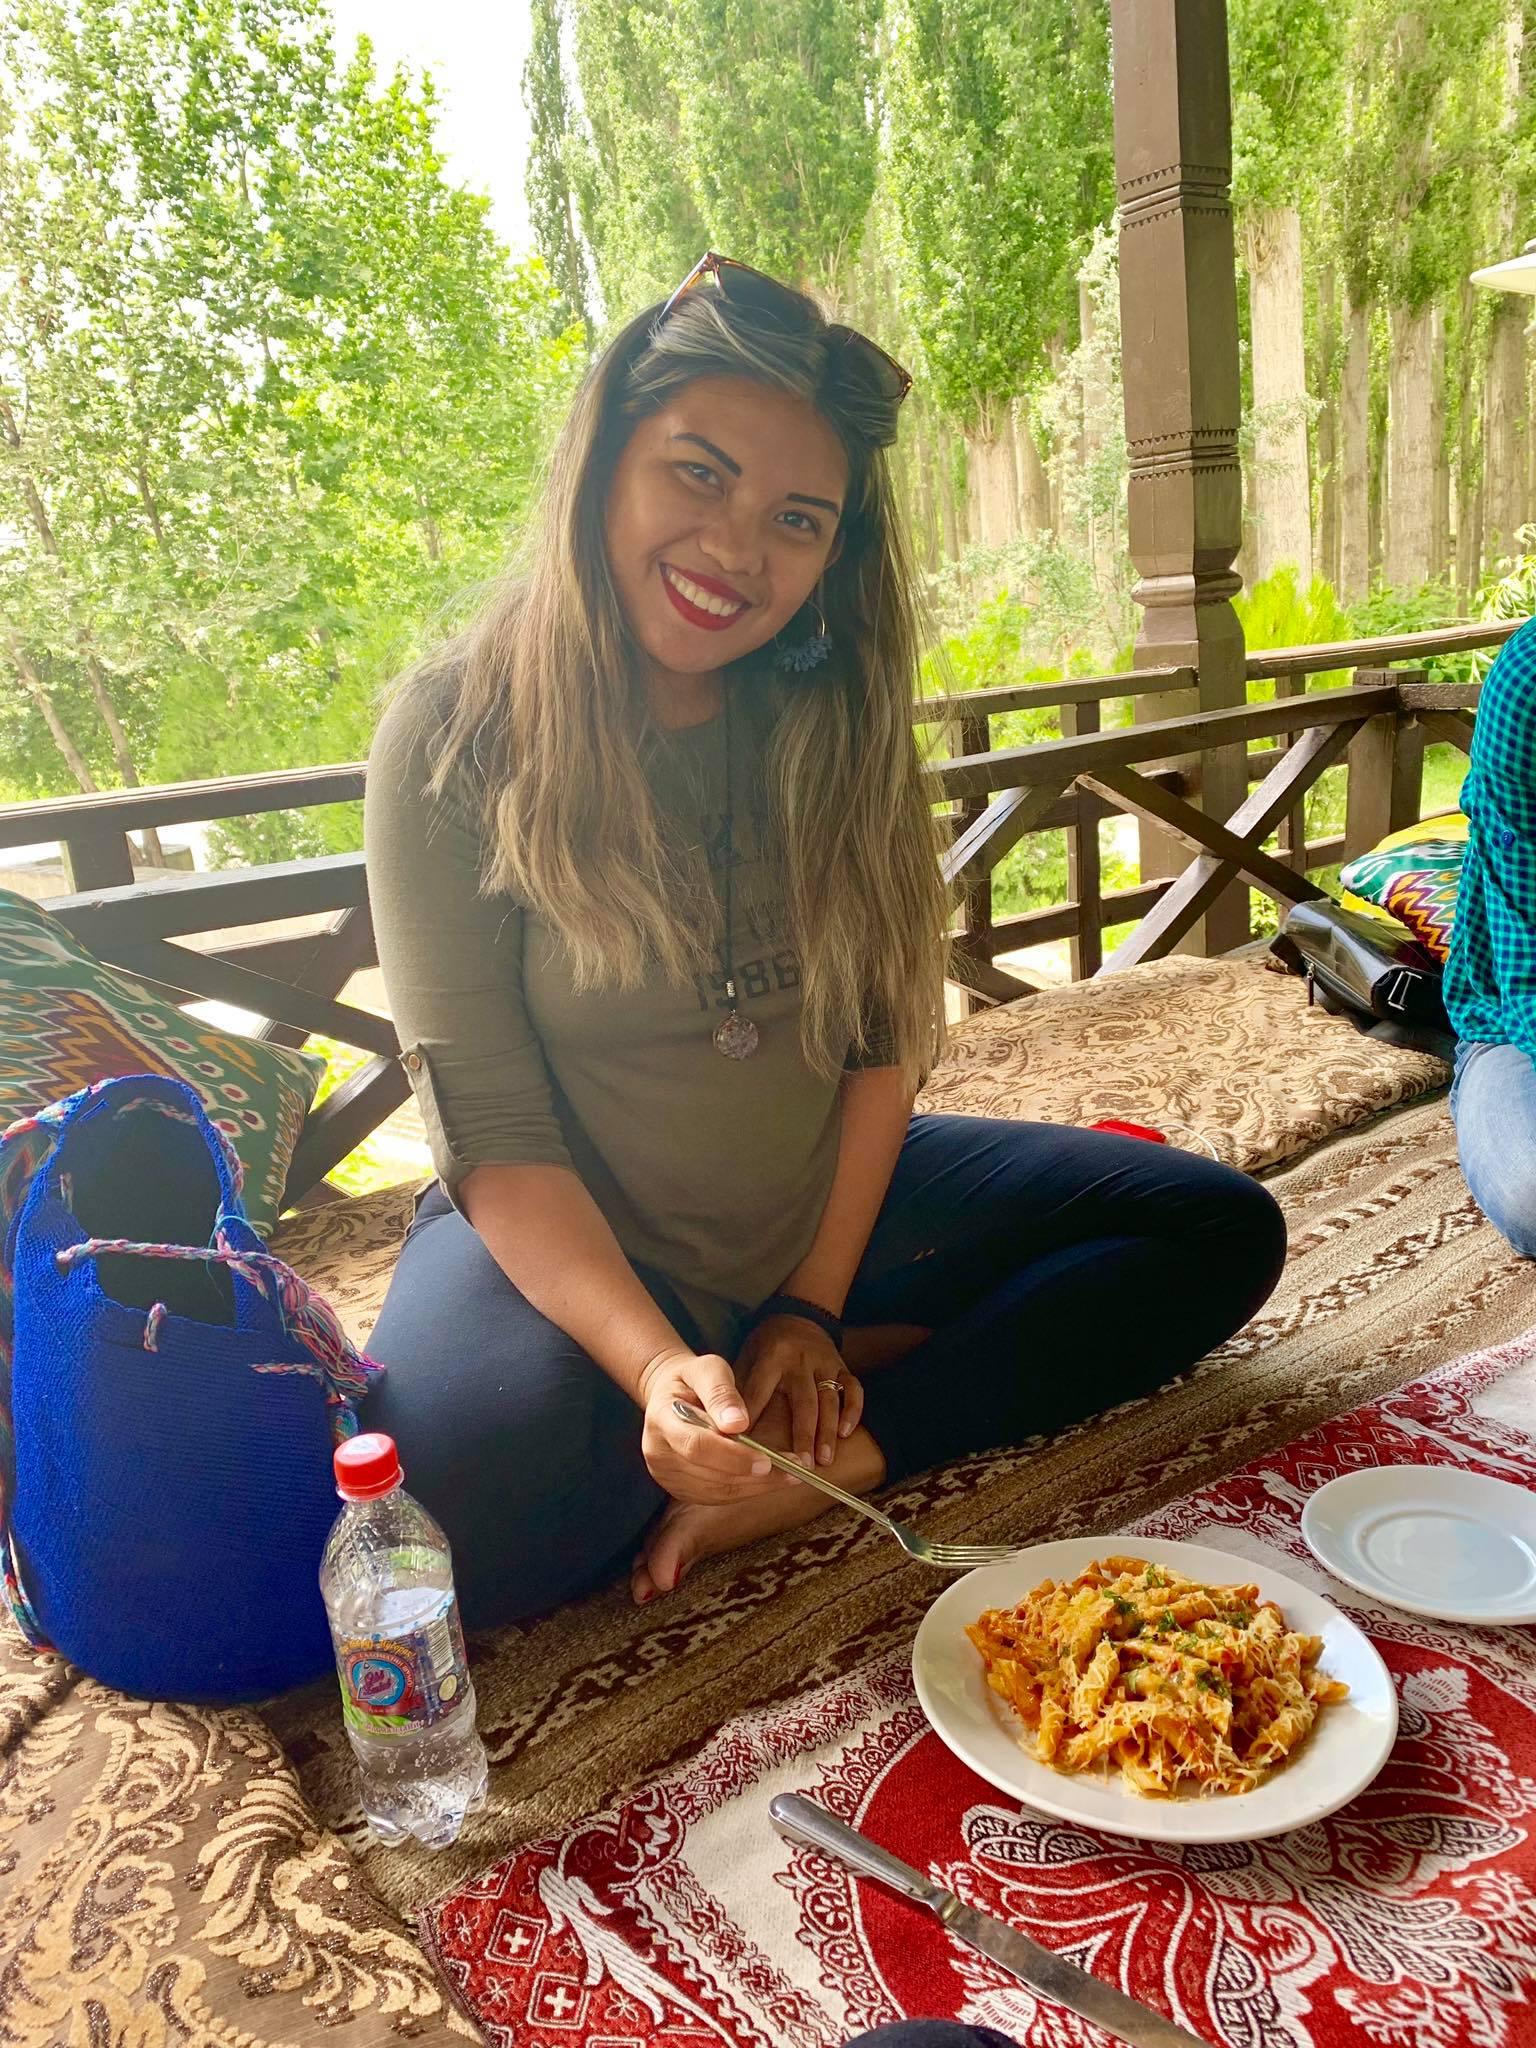 Kach Solo Travels in 2019 Pamir Highway Trip in Tajikistan13.jpg